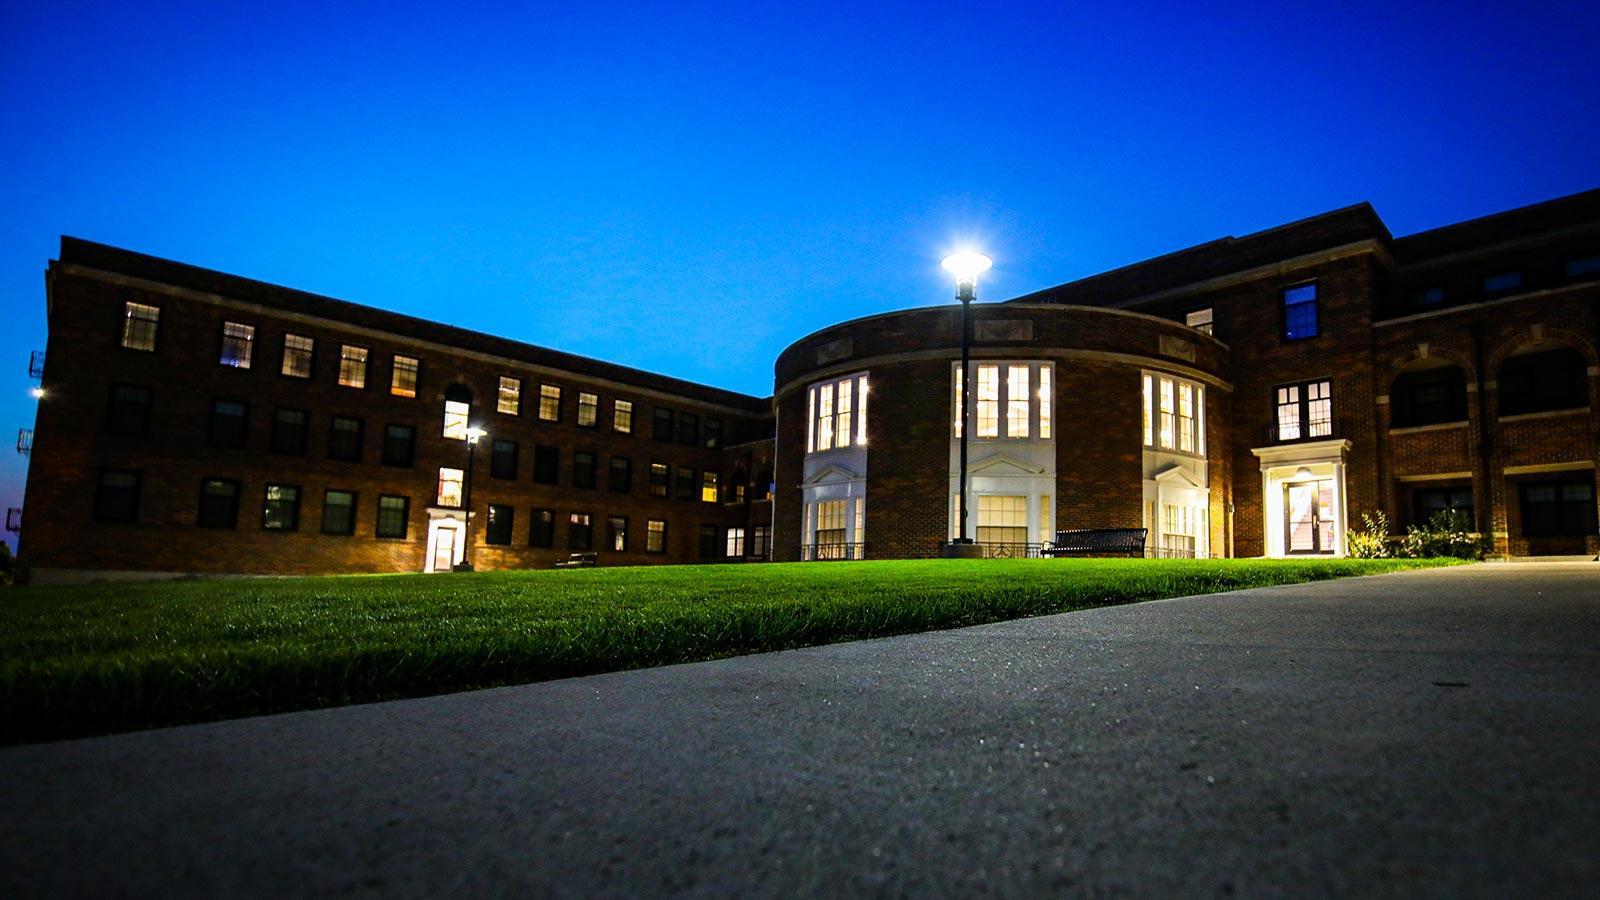 Dimmitt Hall at Morningside University